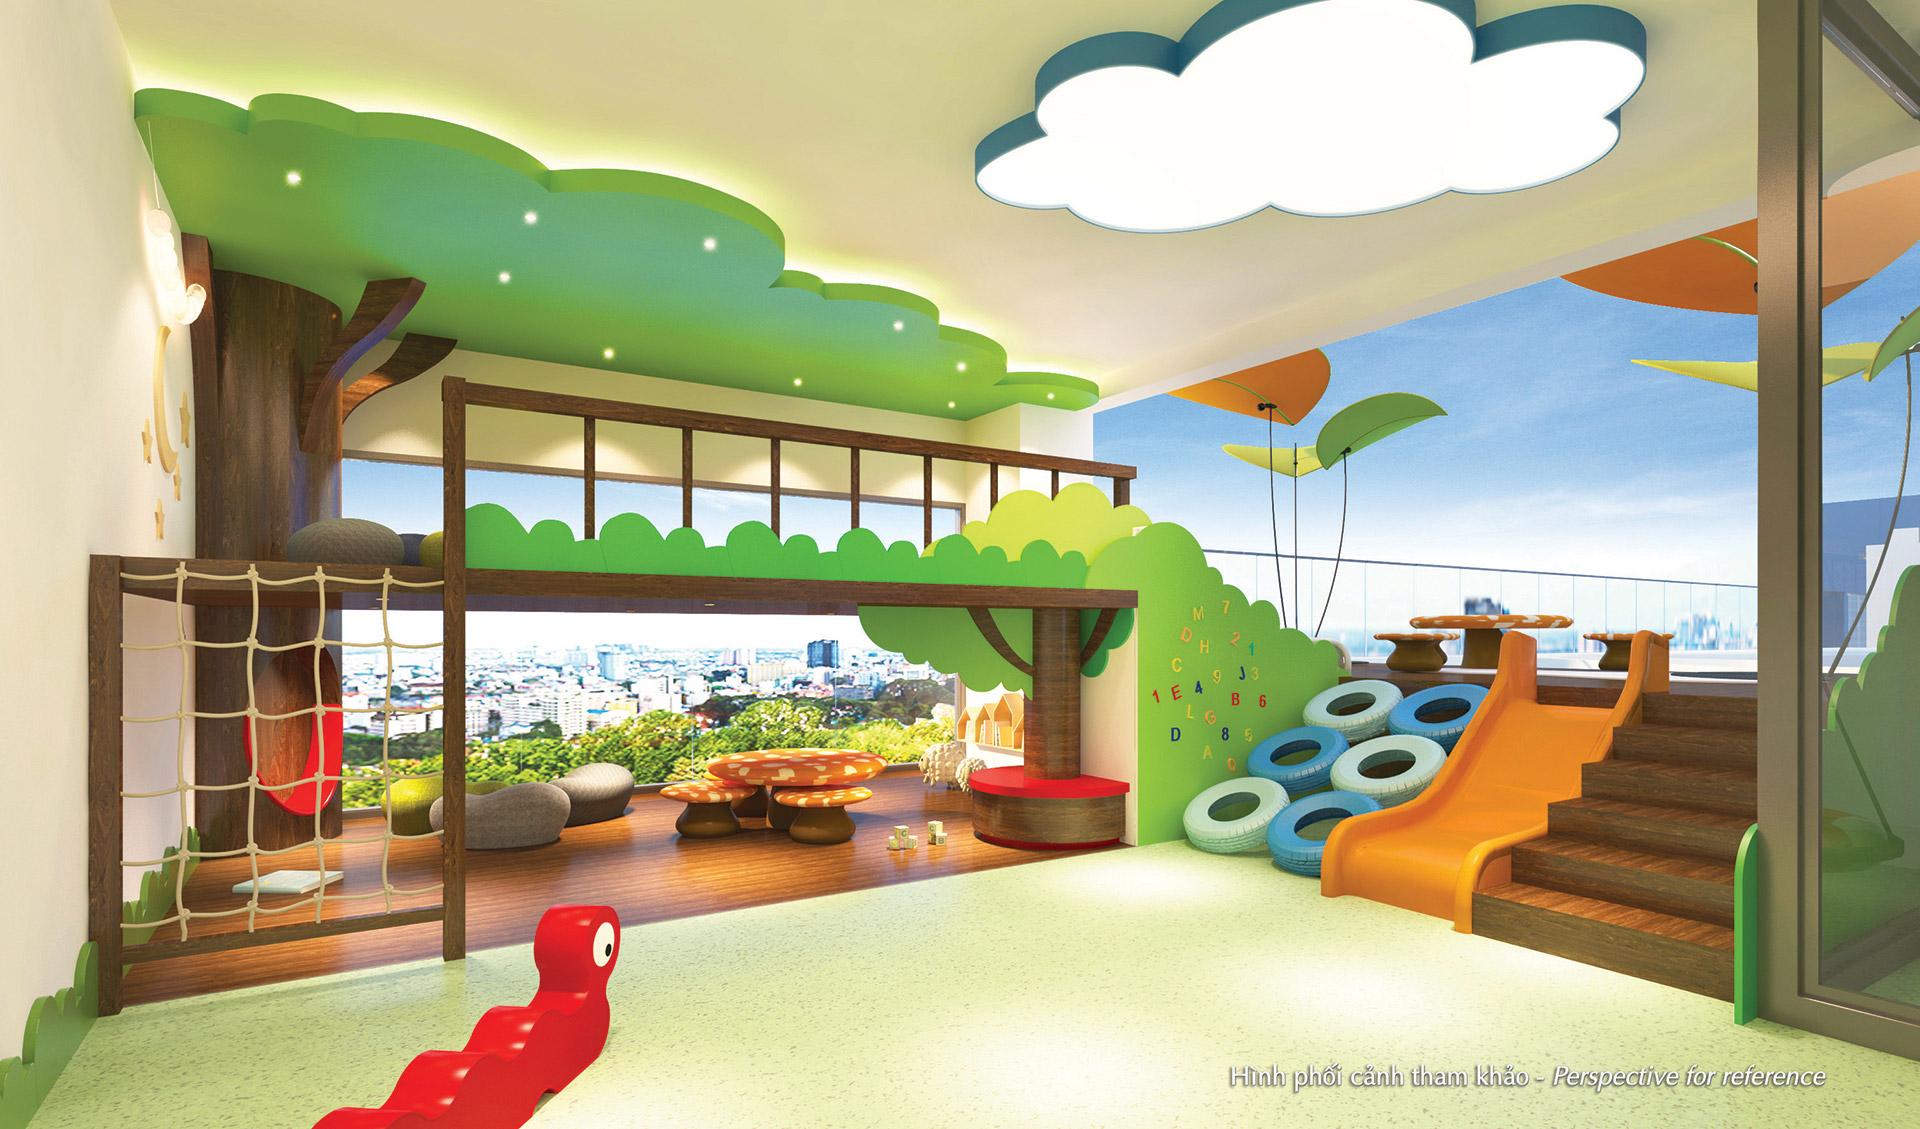 Hưng Phúc Premier - Happy Residence Premier quận 7 - Bản hoà ca thanh bình của thiên nhiên và kiến trúc. 5